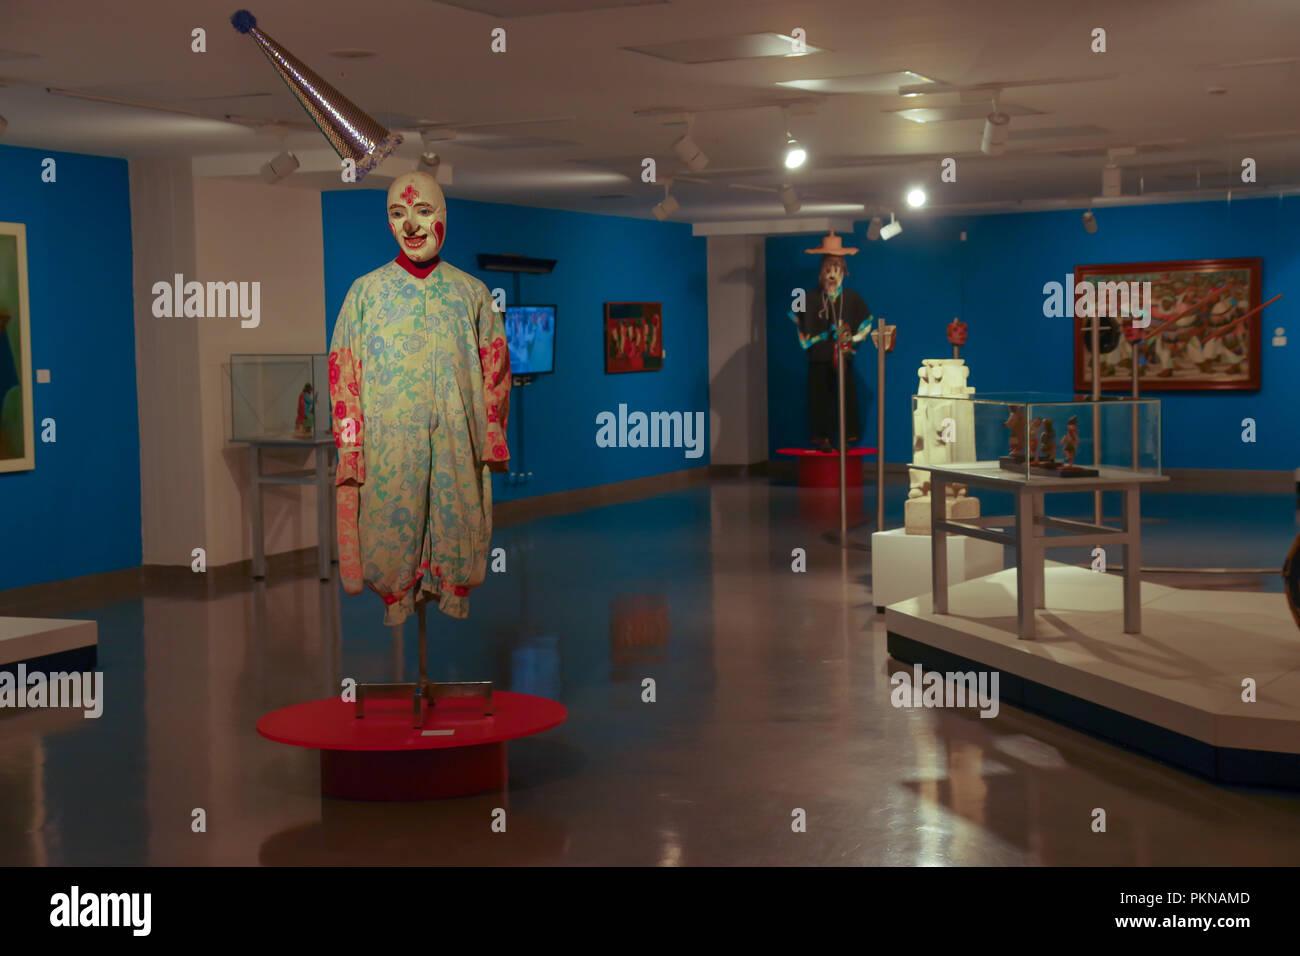 QUITO, ECUADOR - Agosto 17, 2018: vista interior surtida exposición de esculturas hechas a mano por ancienct Incas dentro de el Ágora museo ubicado en la Casa de la Cultura en Quito. Imagen De Stock